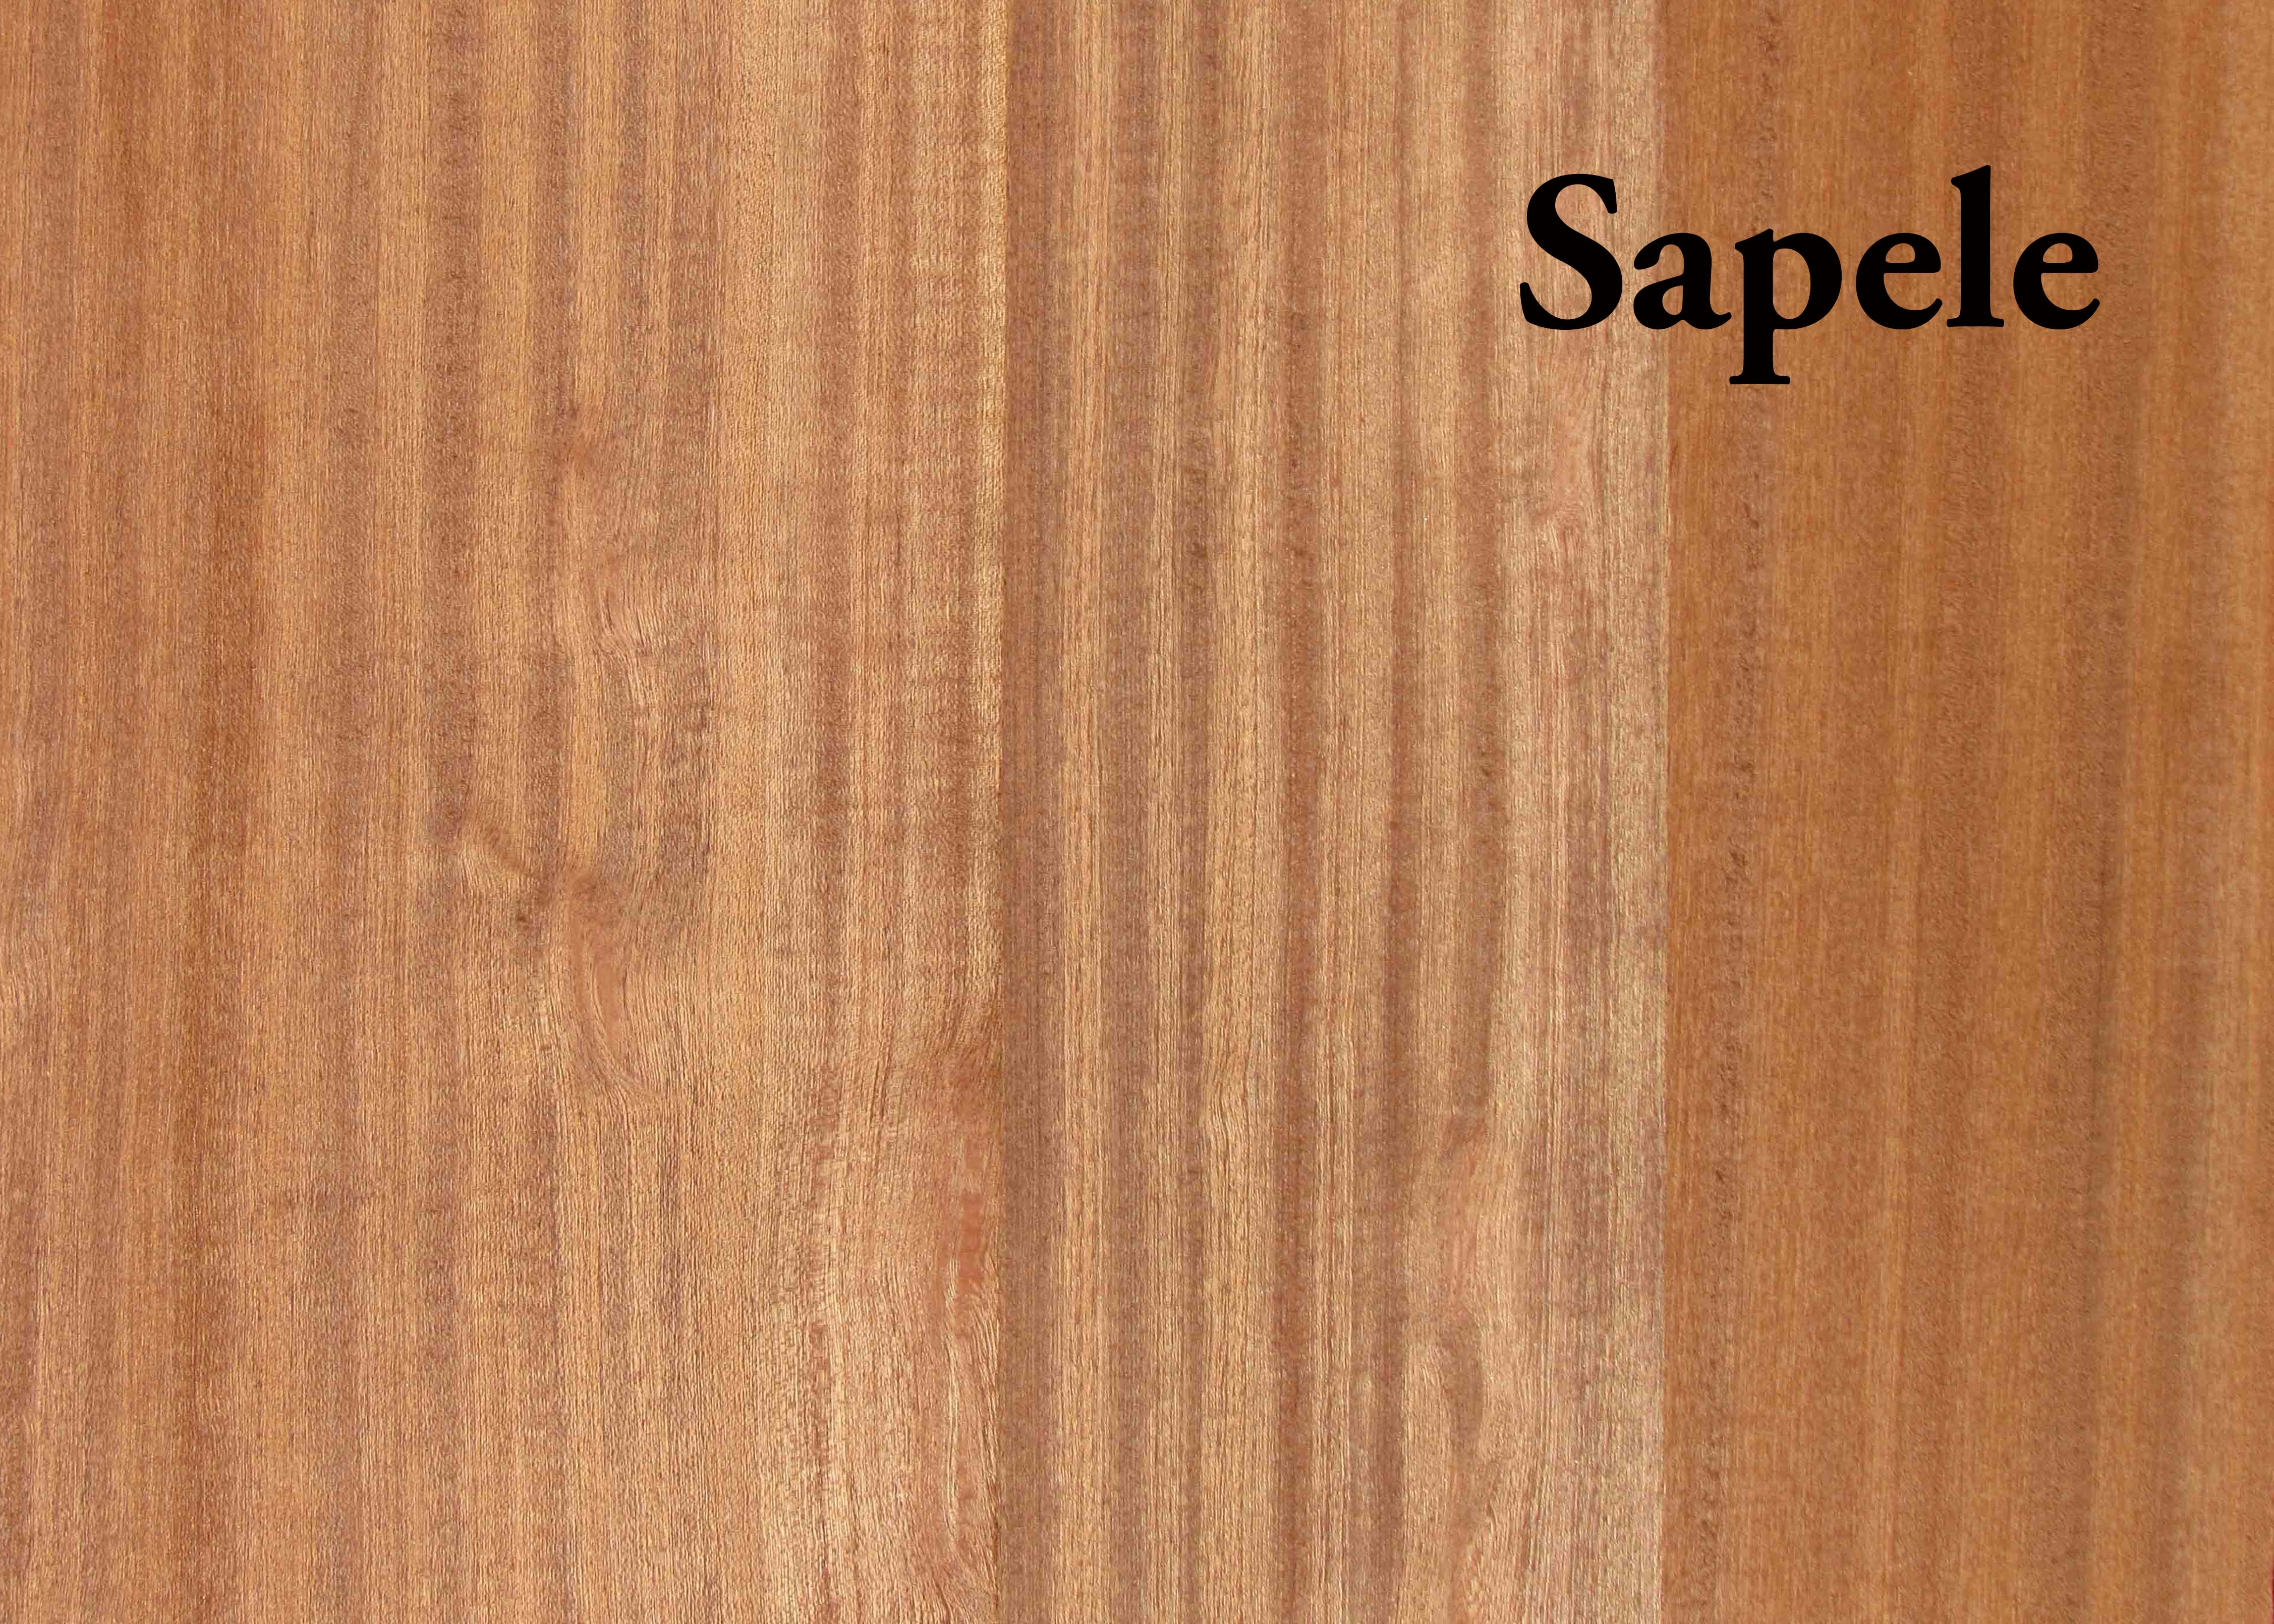 Sapele Qtr Hardwood S2s Capitol City Lumber